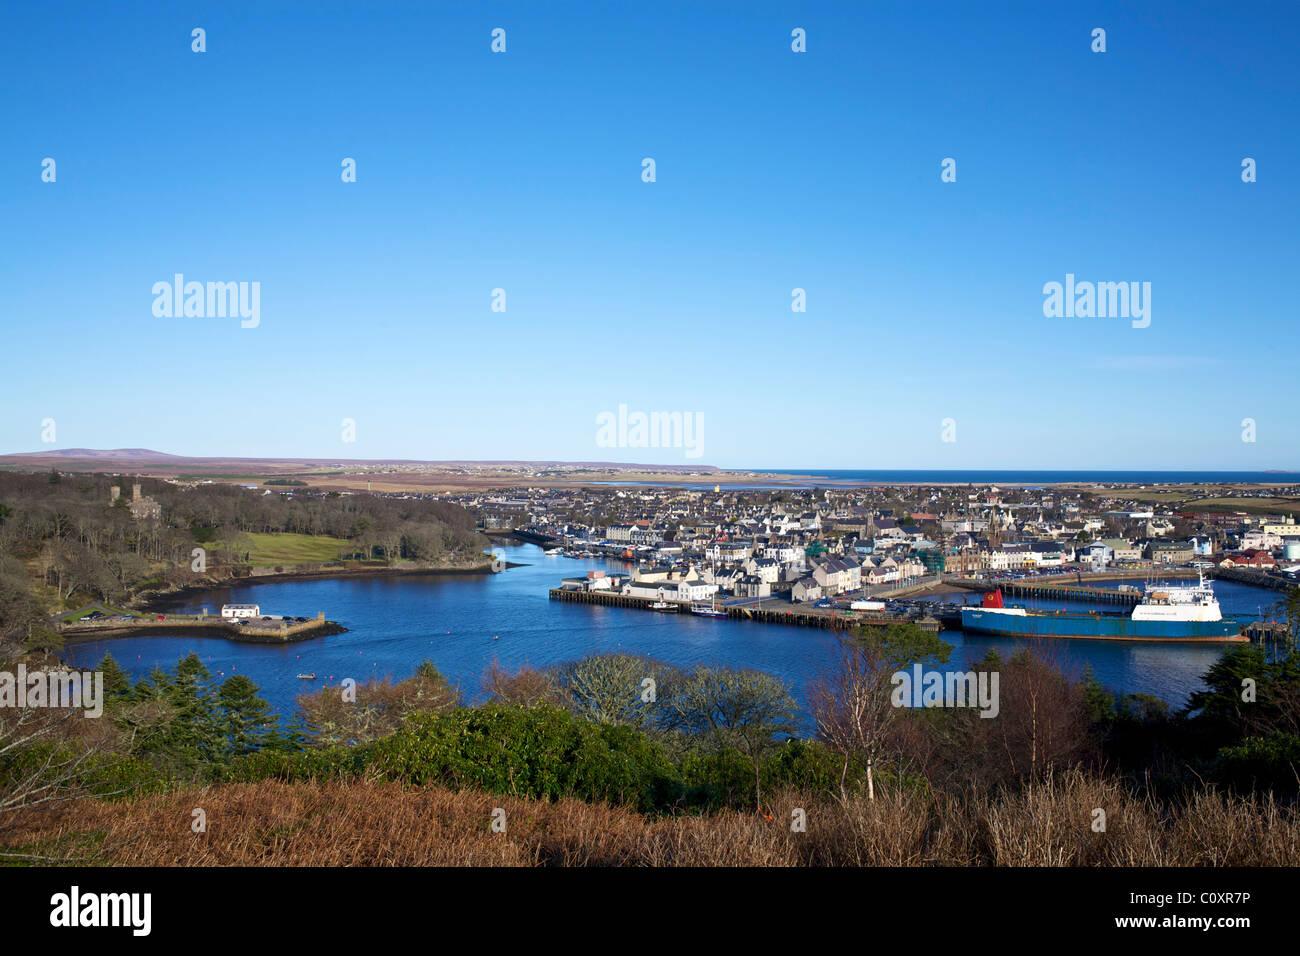 Stornoway , Isle of Lewis. - Stock Image